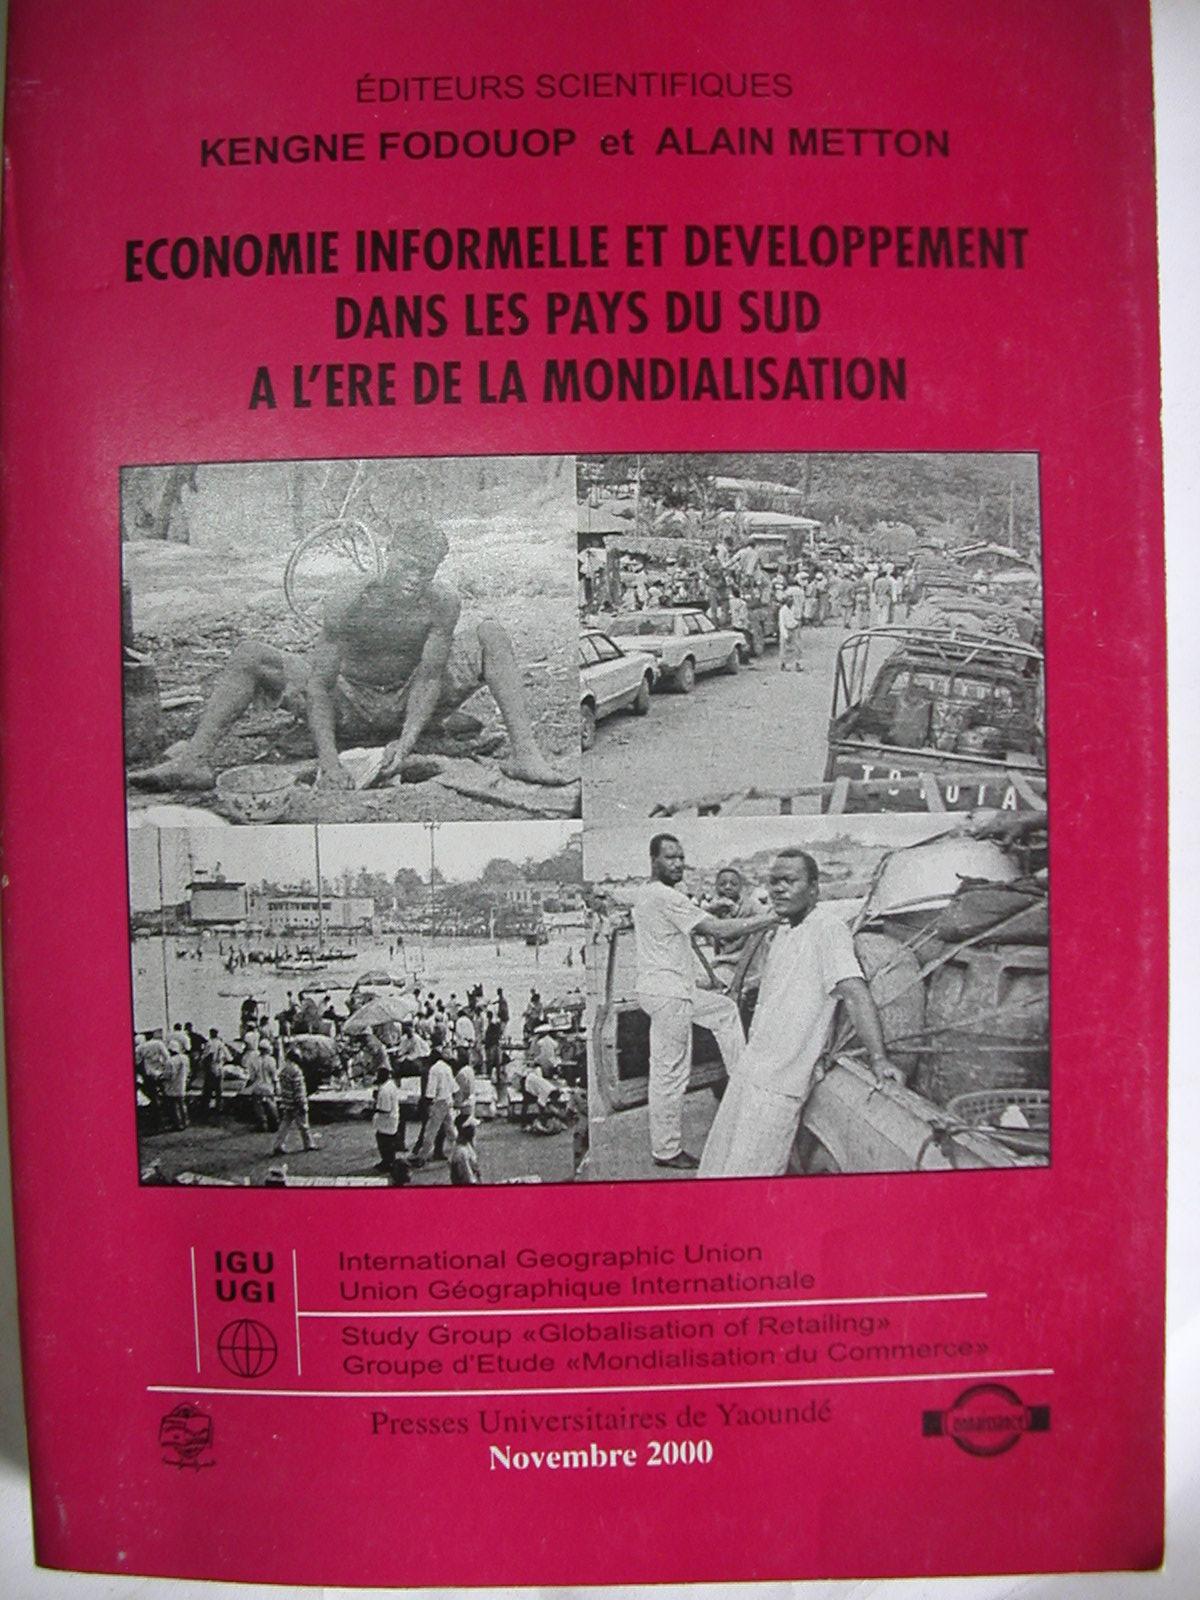 Economie informelle et développement dans les pays du Sud à l'ère de la mondialisation (2000)1